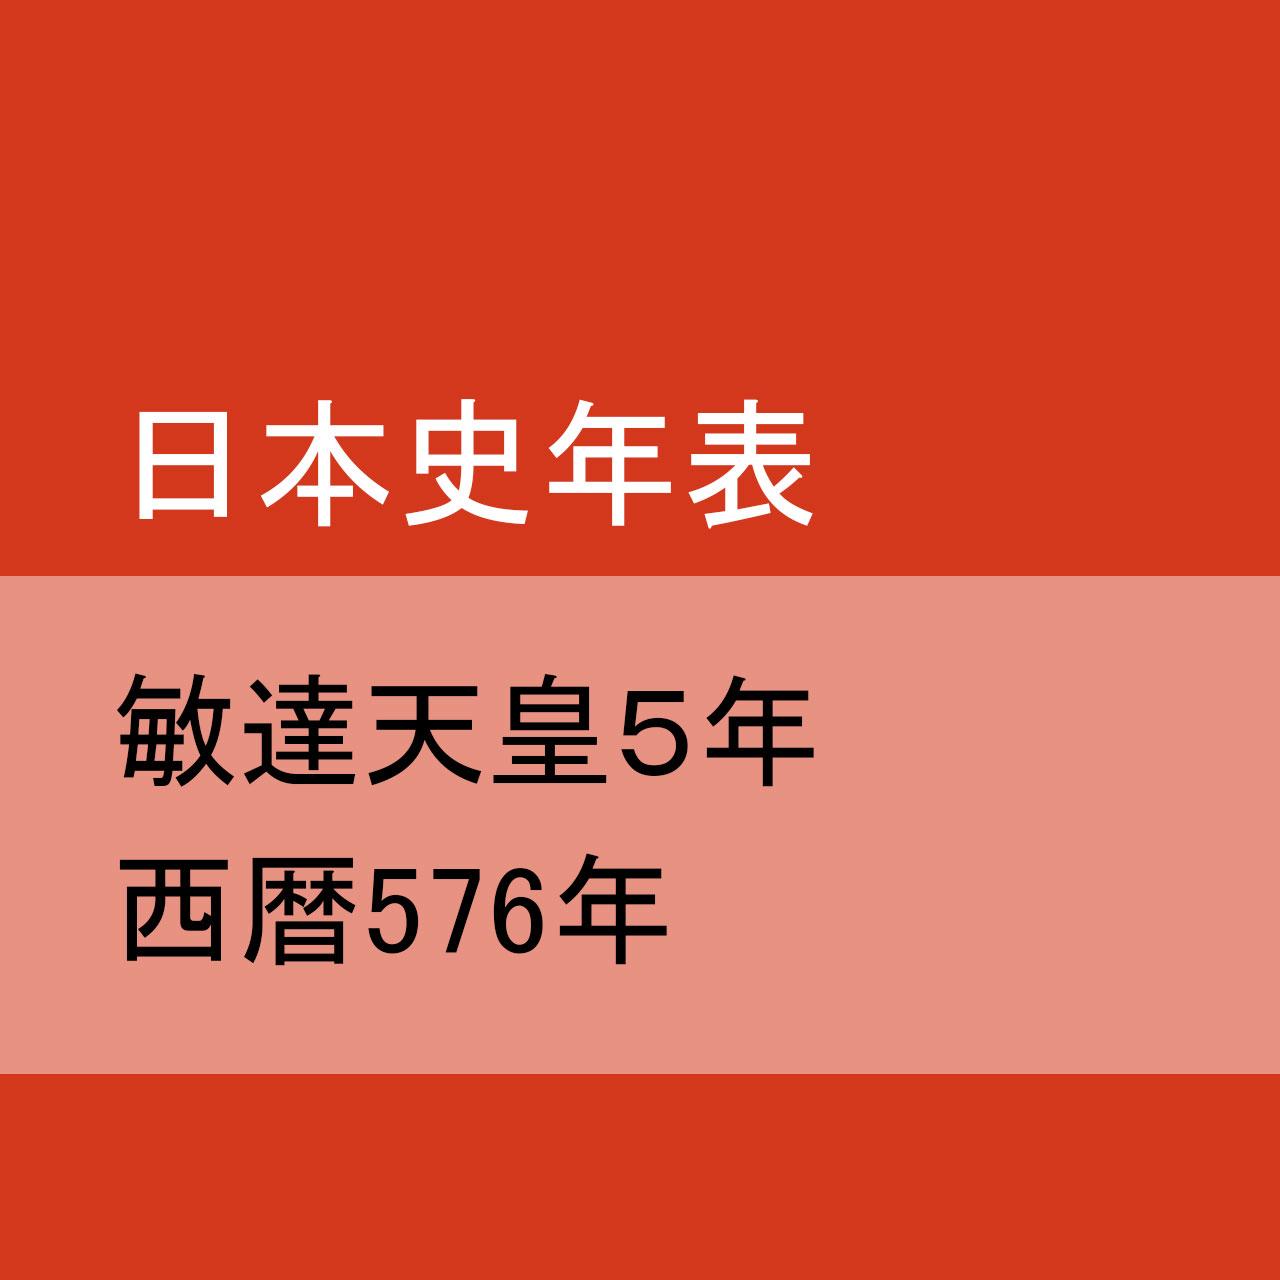 敏達天皇5(576)年